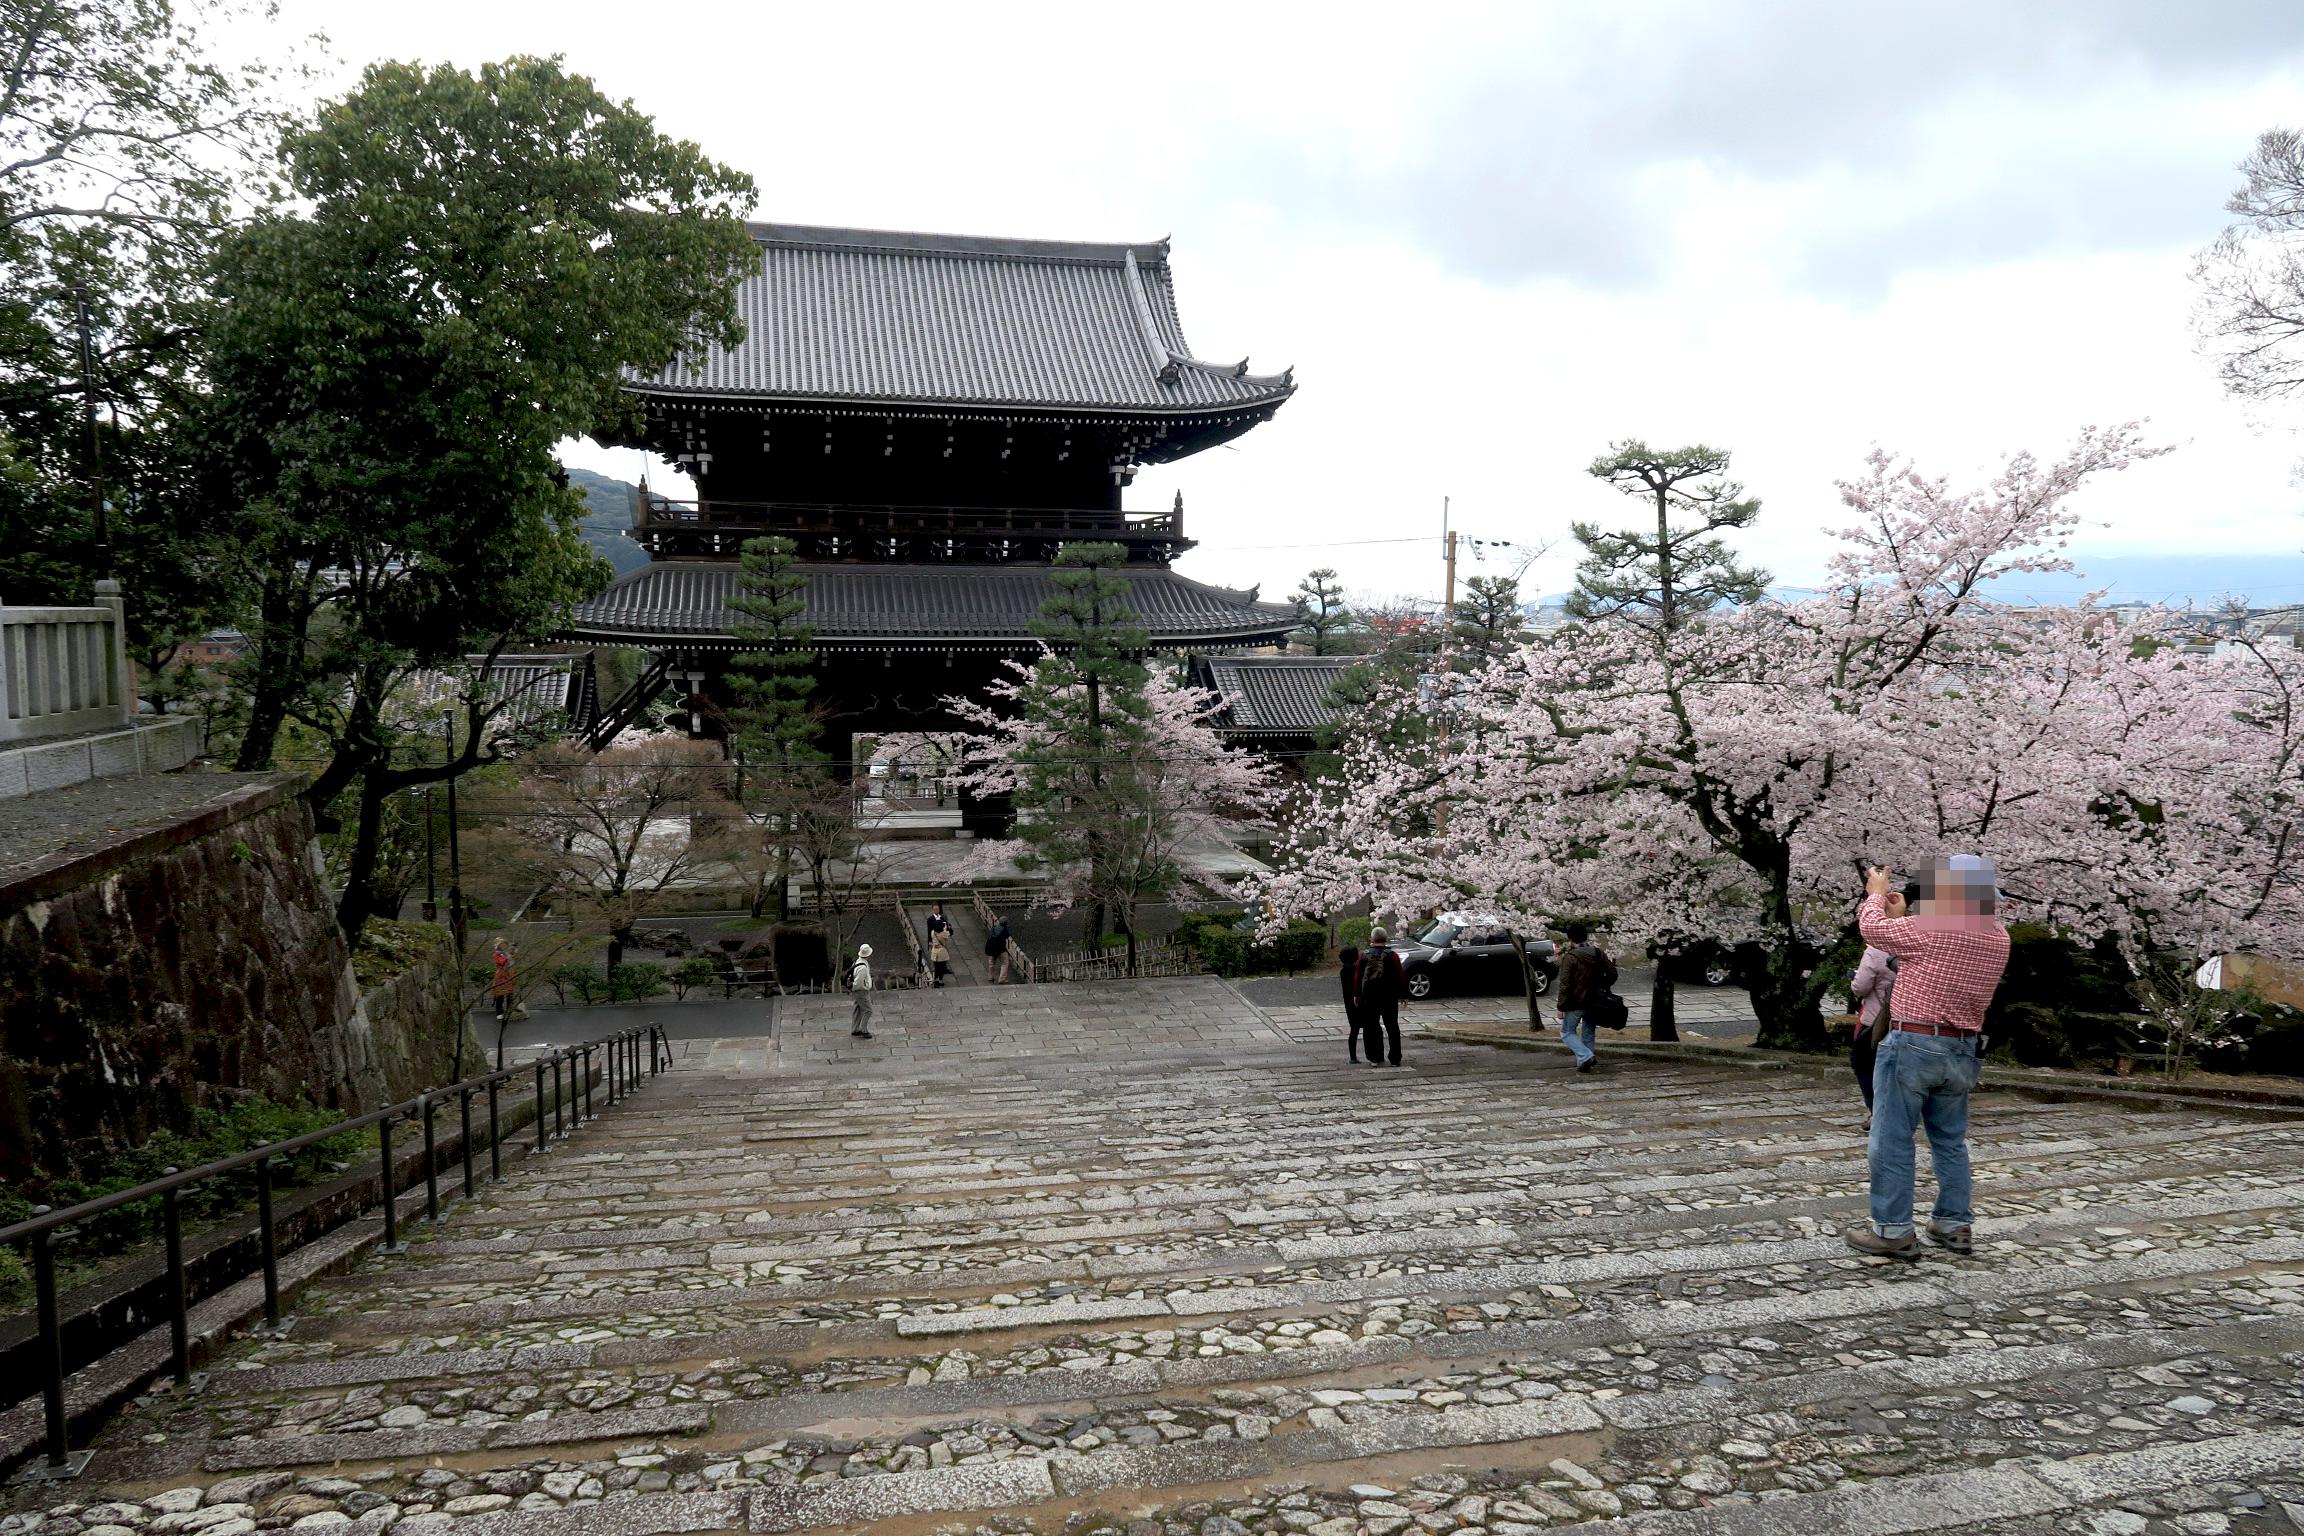 間口約15m、高さ約23mの立派な山門。応仁の乱で焼失しましたが、1860年に再建。桜も満開でした。